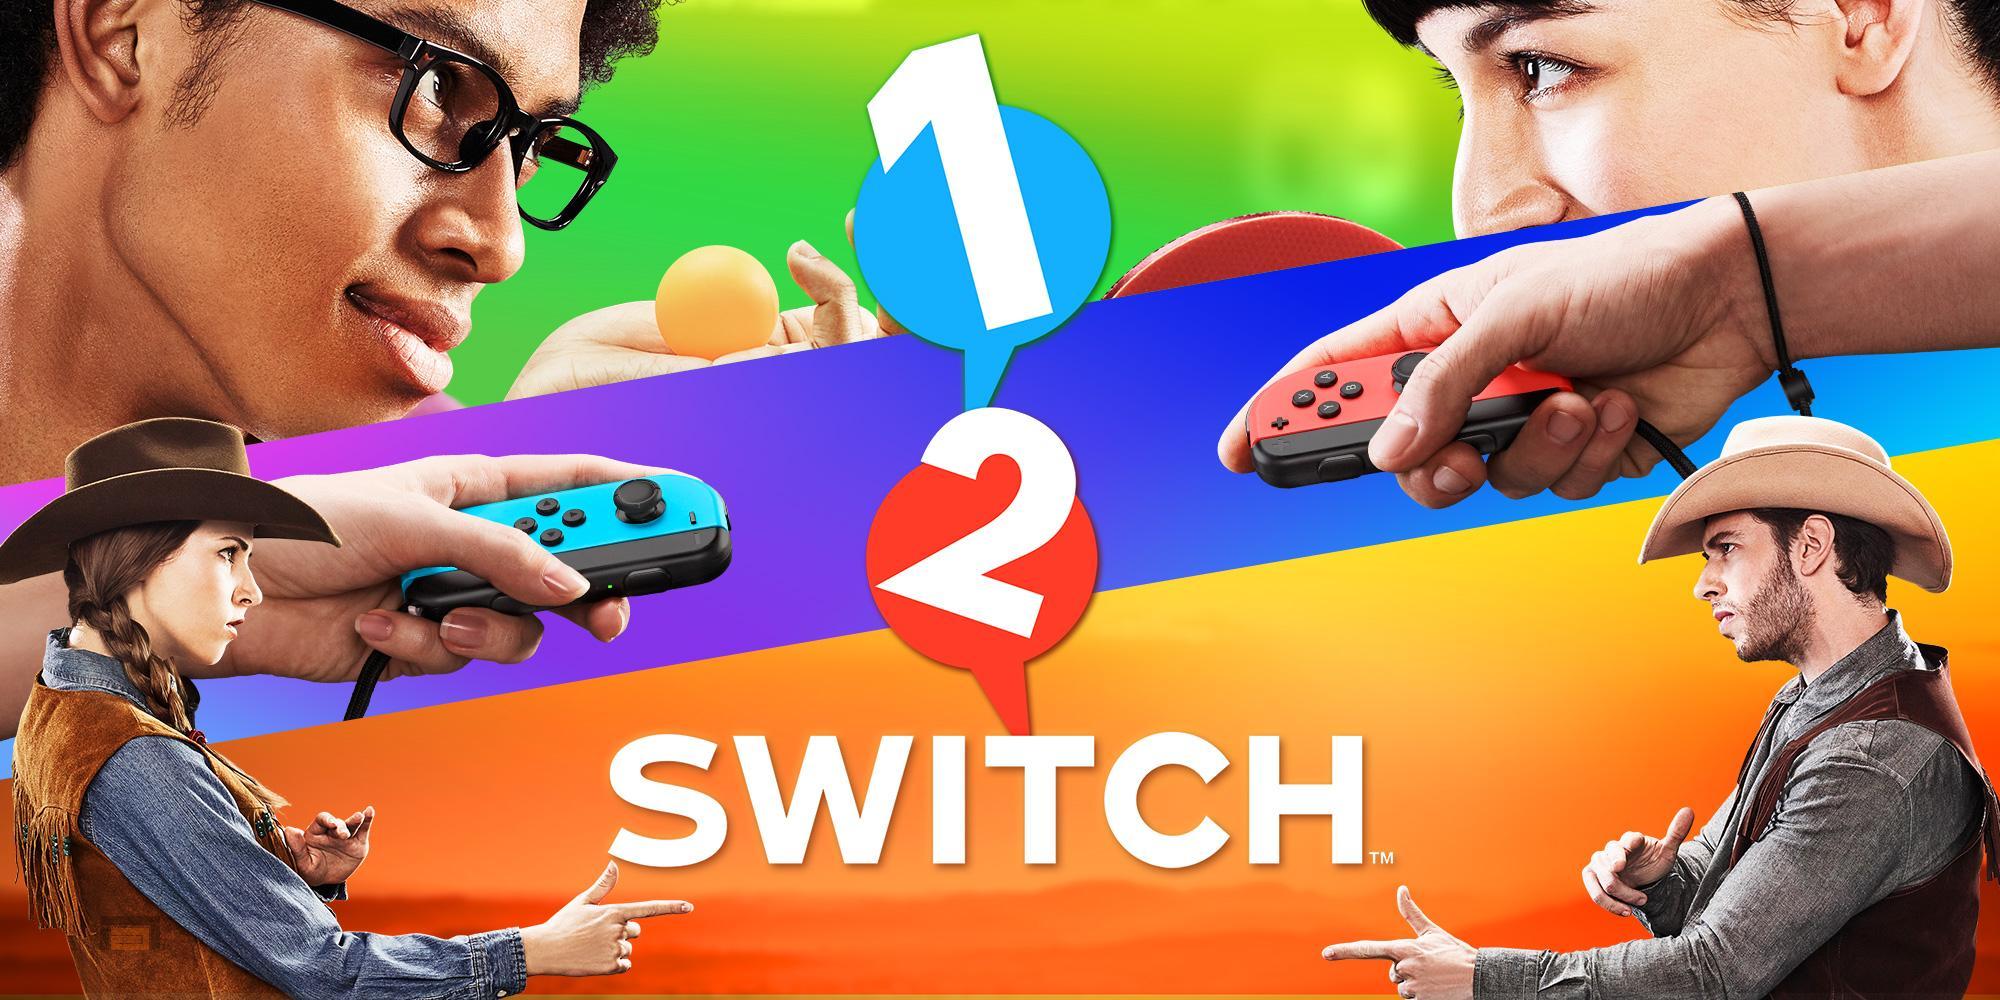 1-2-Switch tendrá cerca de 30 minijuegos. Puedes verlos en su nuevo tráiler